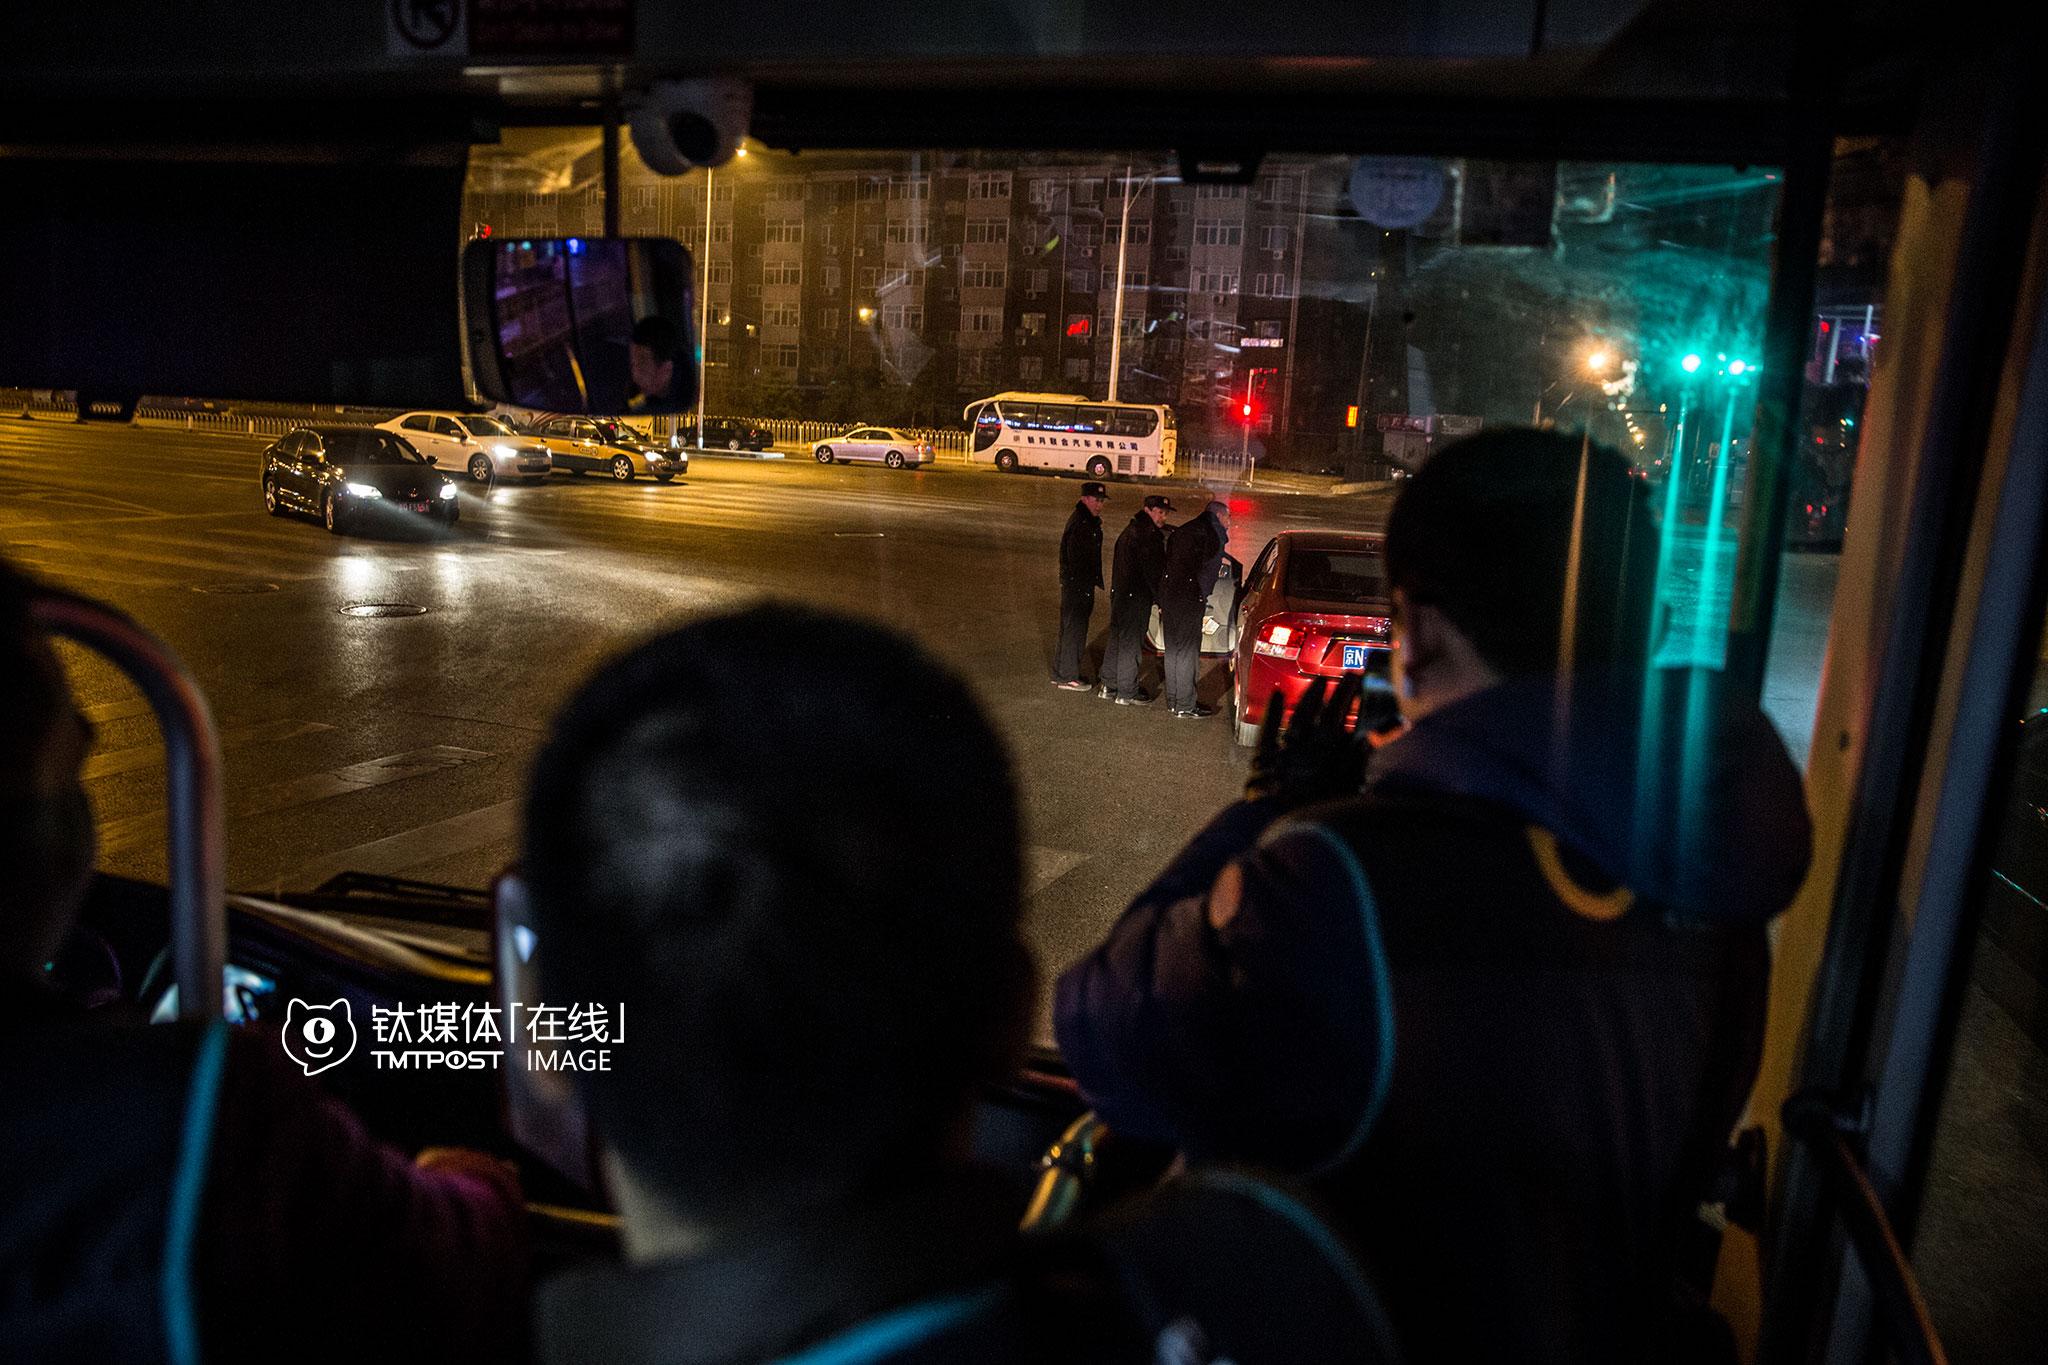 凌晨3点多,朝阳区一个红绿灯路口,几名交警、协警拦车查酒驾,公交车上的代驾司机马上围到前面看起了热闹,他们觉得现在代驾接单不多,跟交警查酒驾太少有关系。